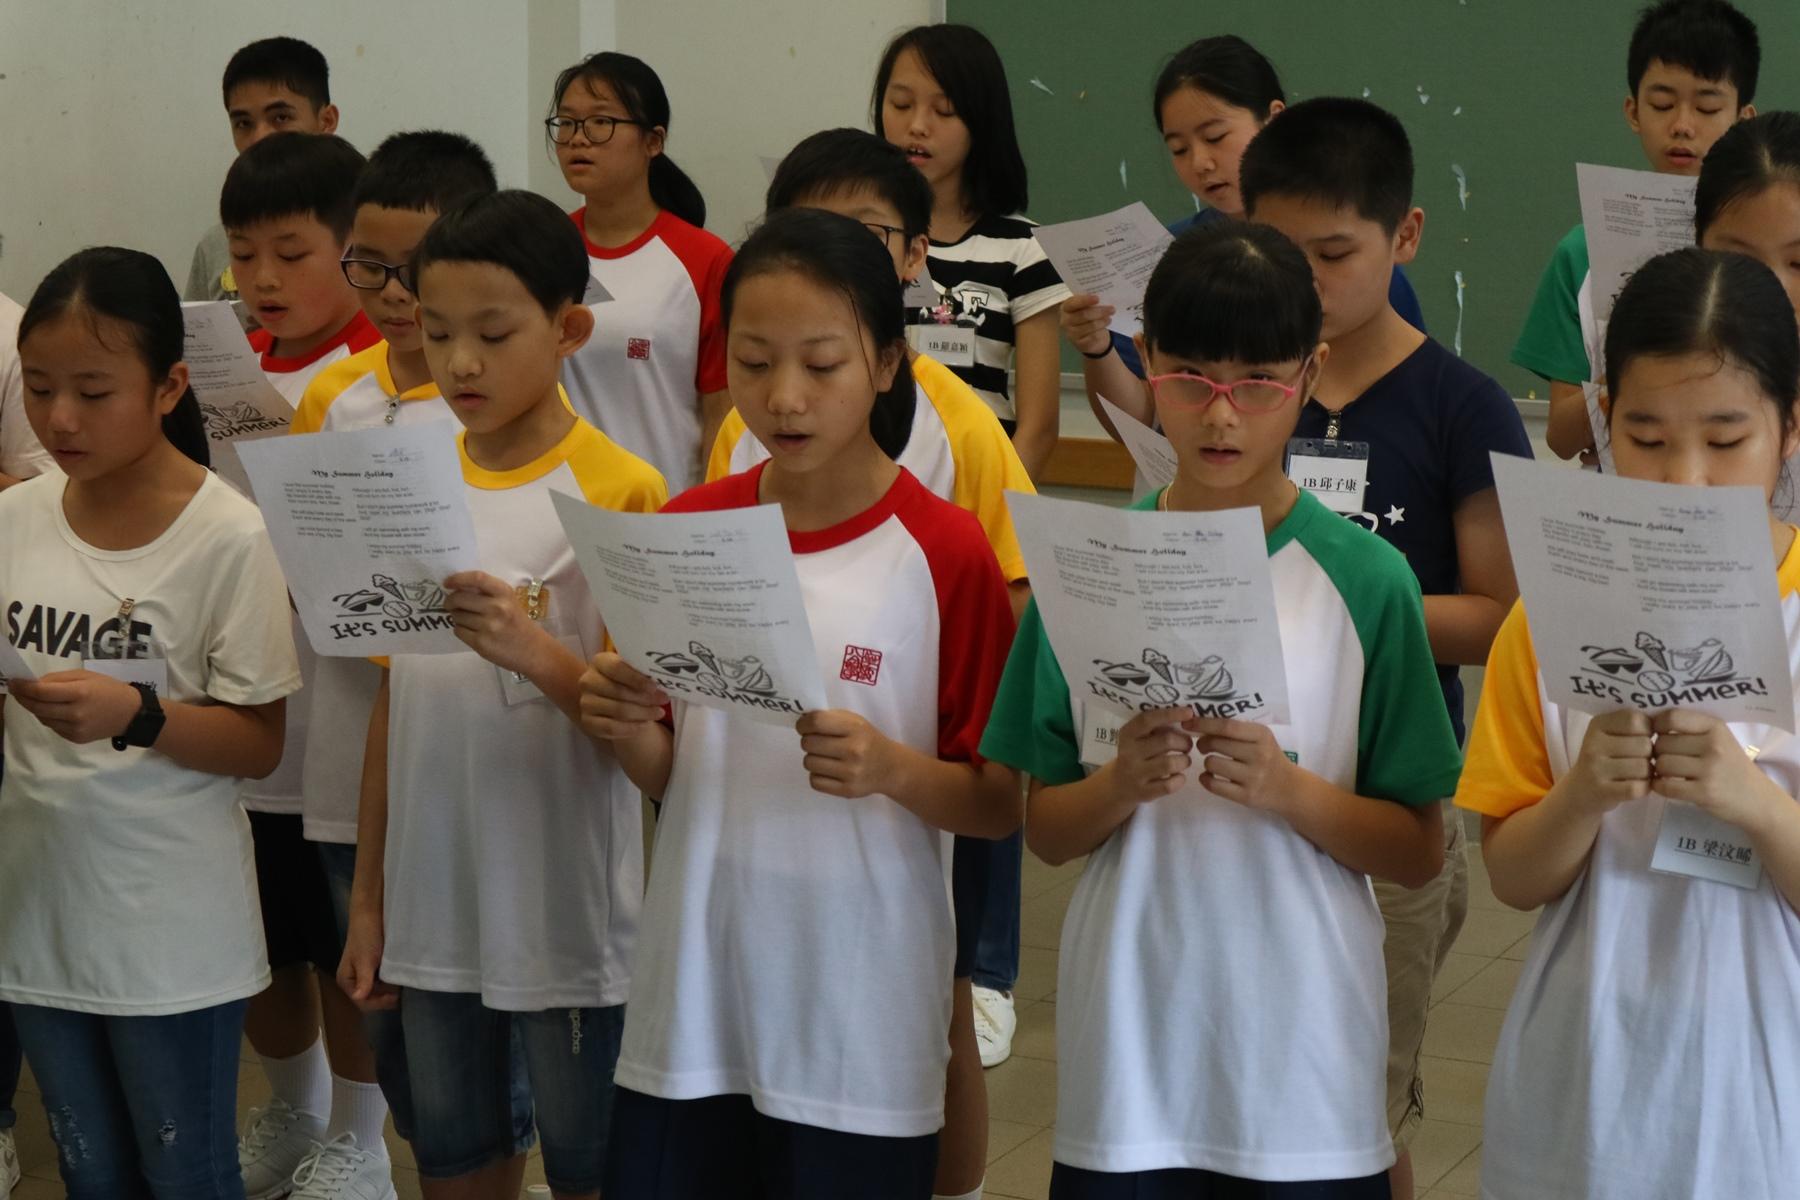 http://npc.edu.hk/sites/default/files/1b_zhong_ying_bing_chong_05.jpg